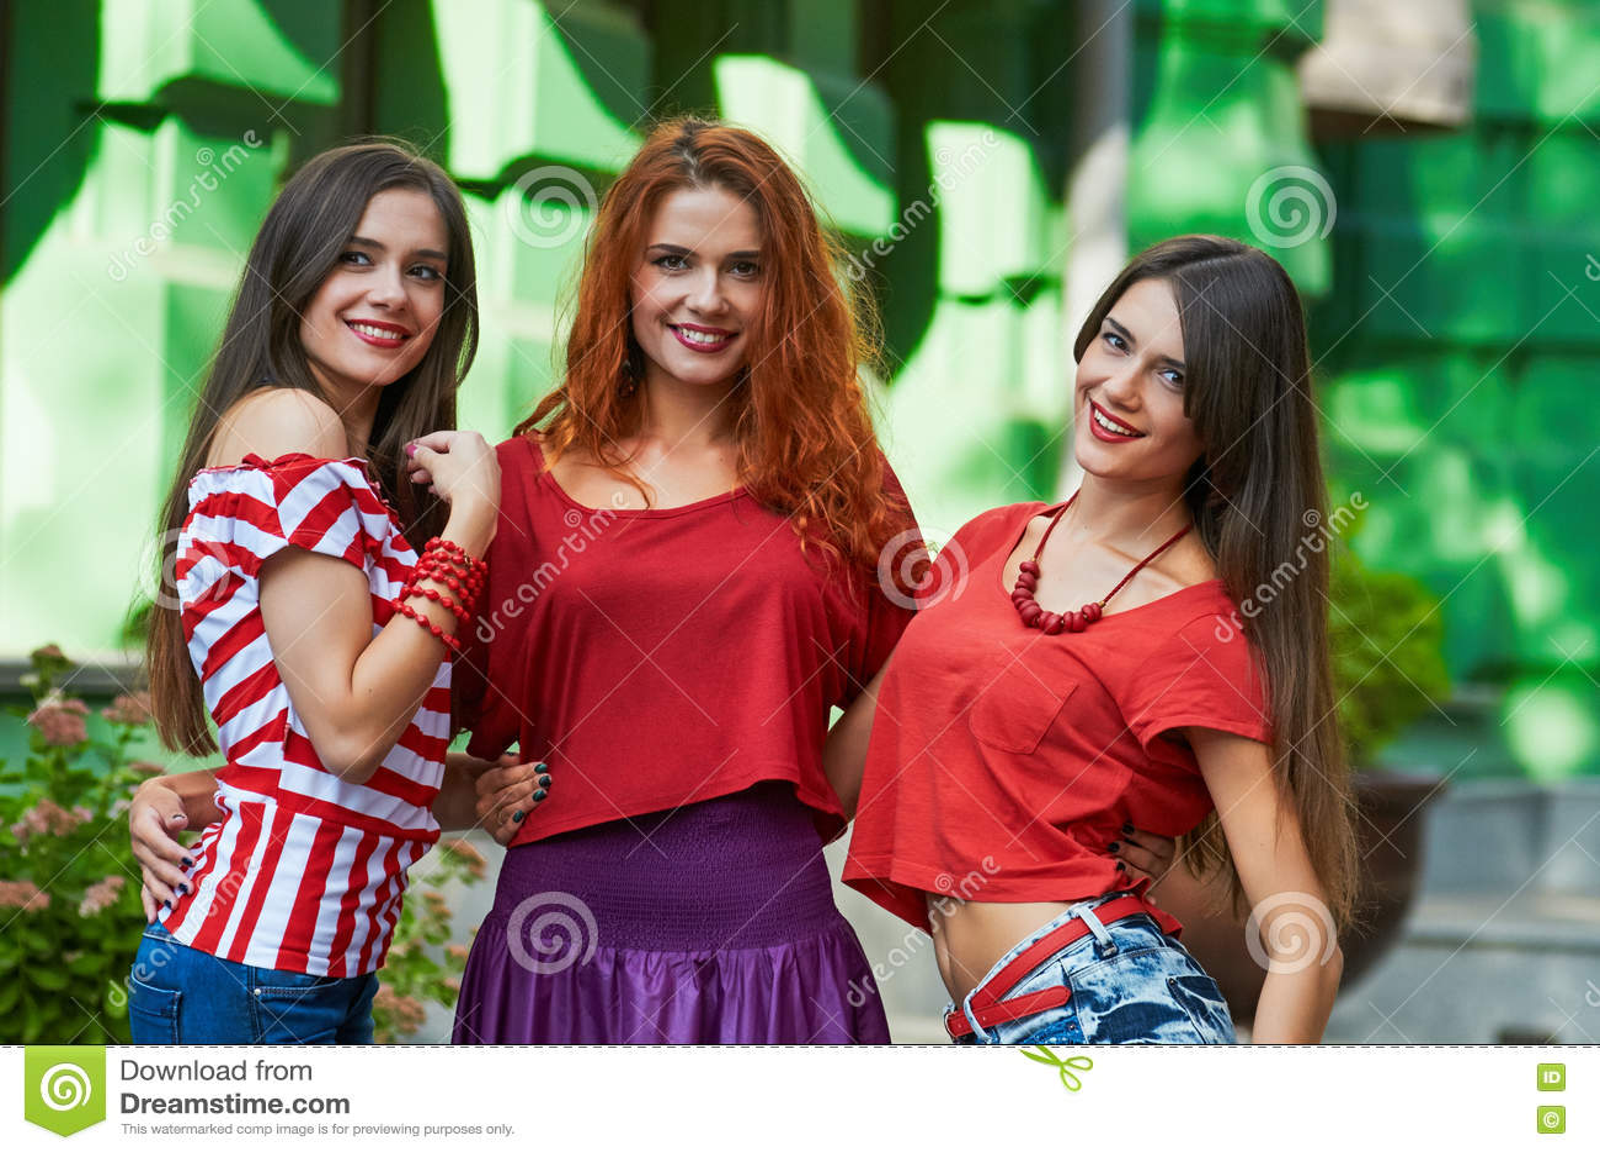 Three adult